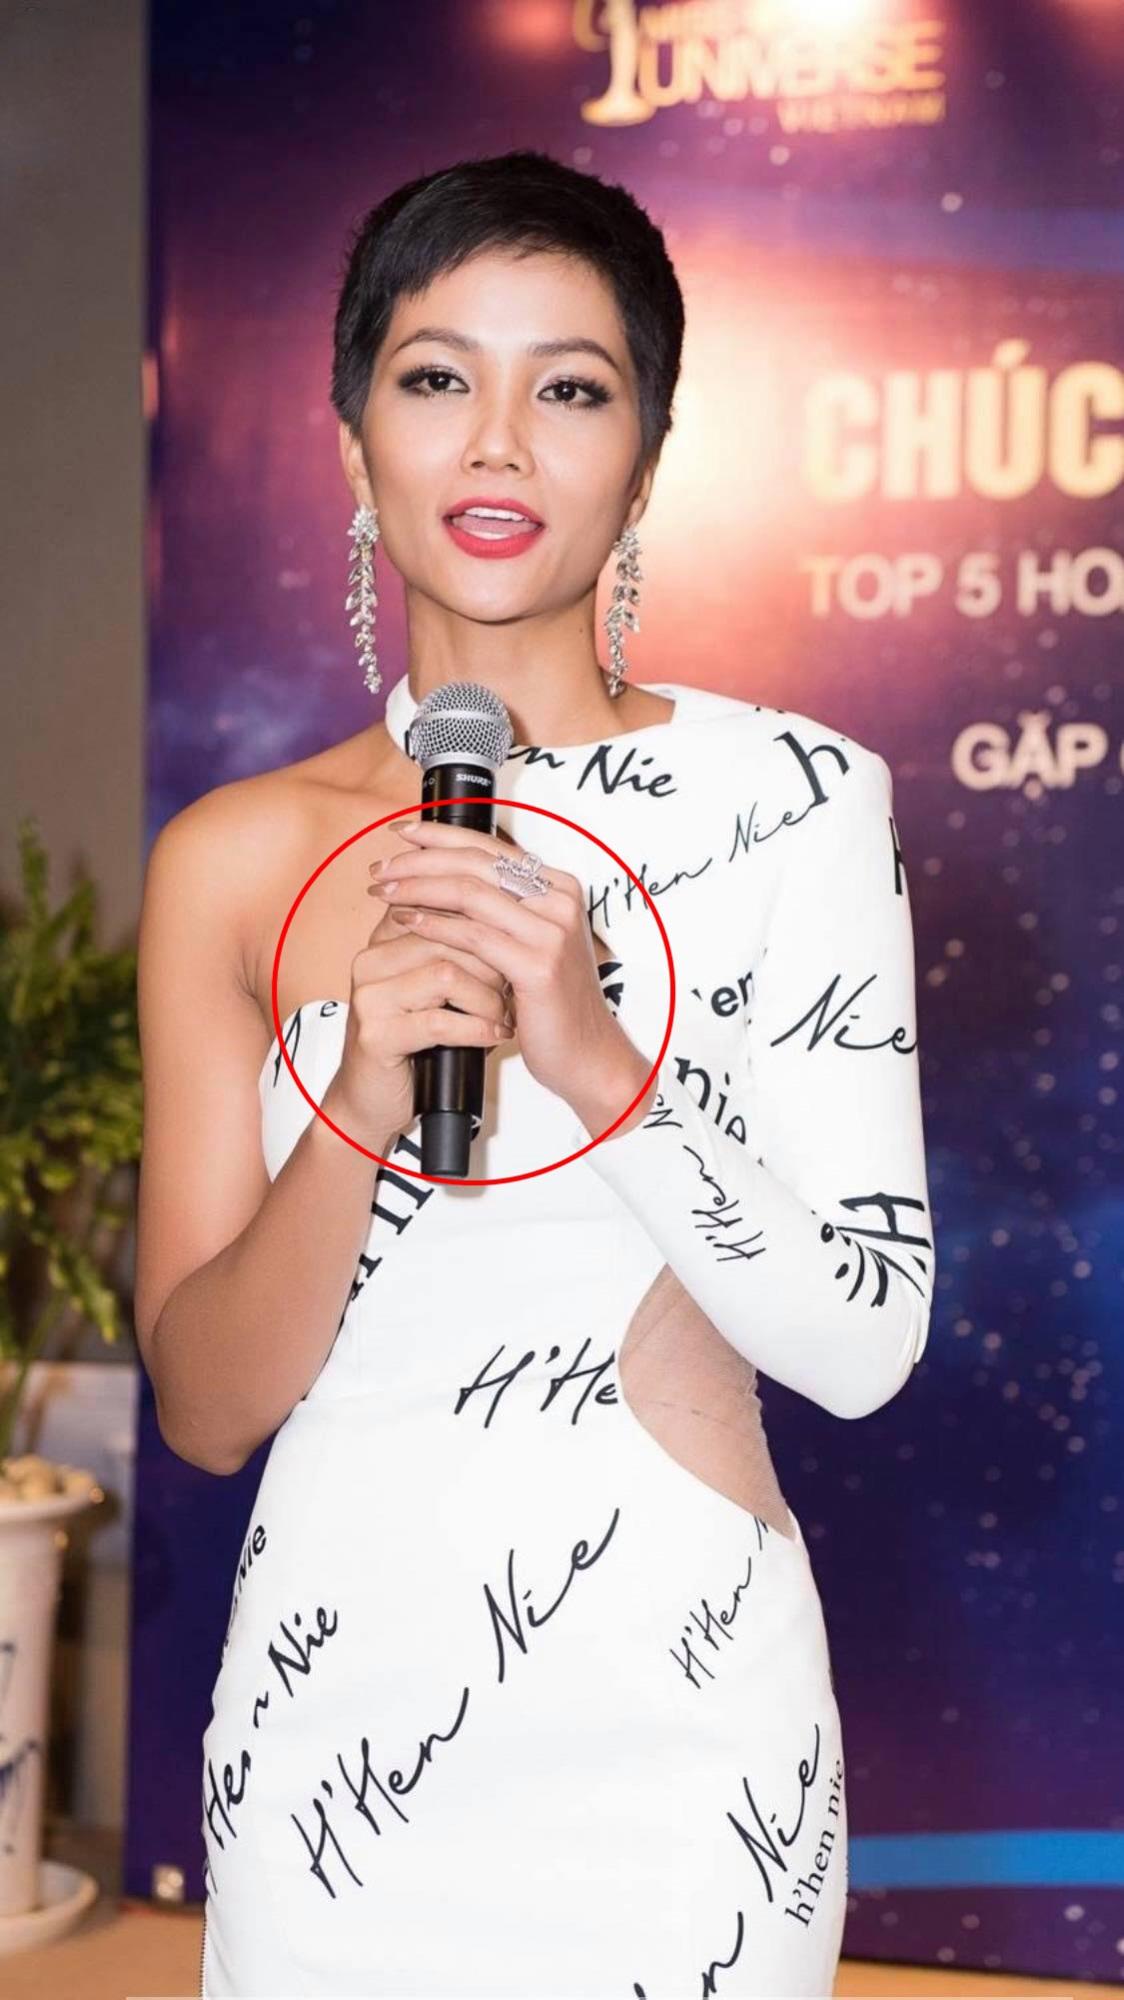 Mải mê thi đấu, Hoa hậu H'Hen Niê để lộ móng tay tróc sơn 'lổm chổm' khiến fan không khỏi xót xa - Ảnh 4